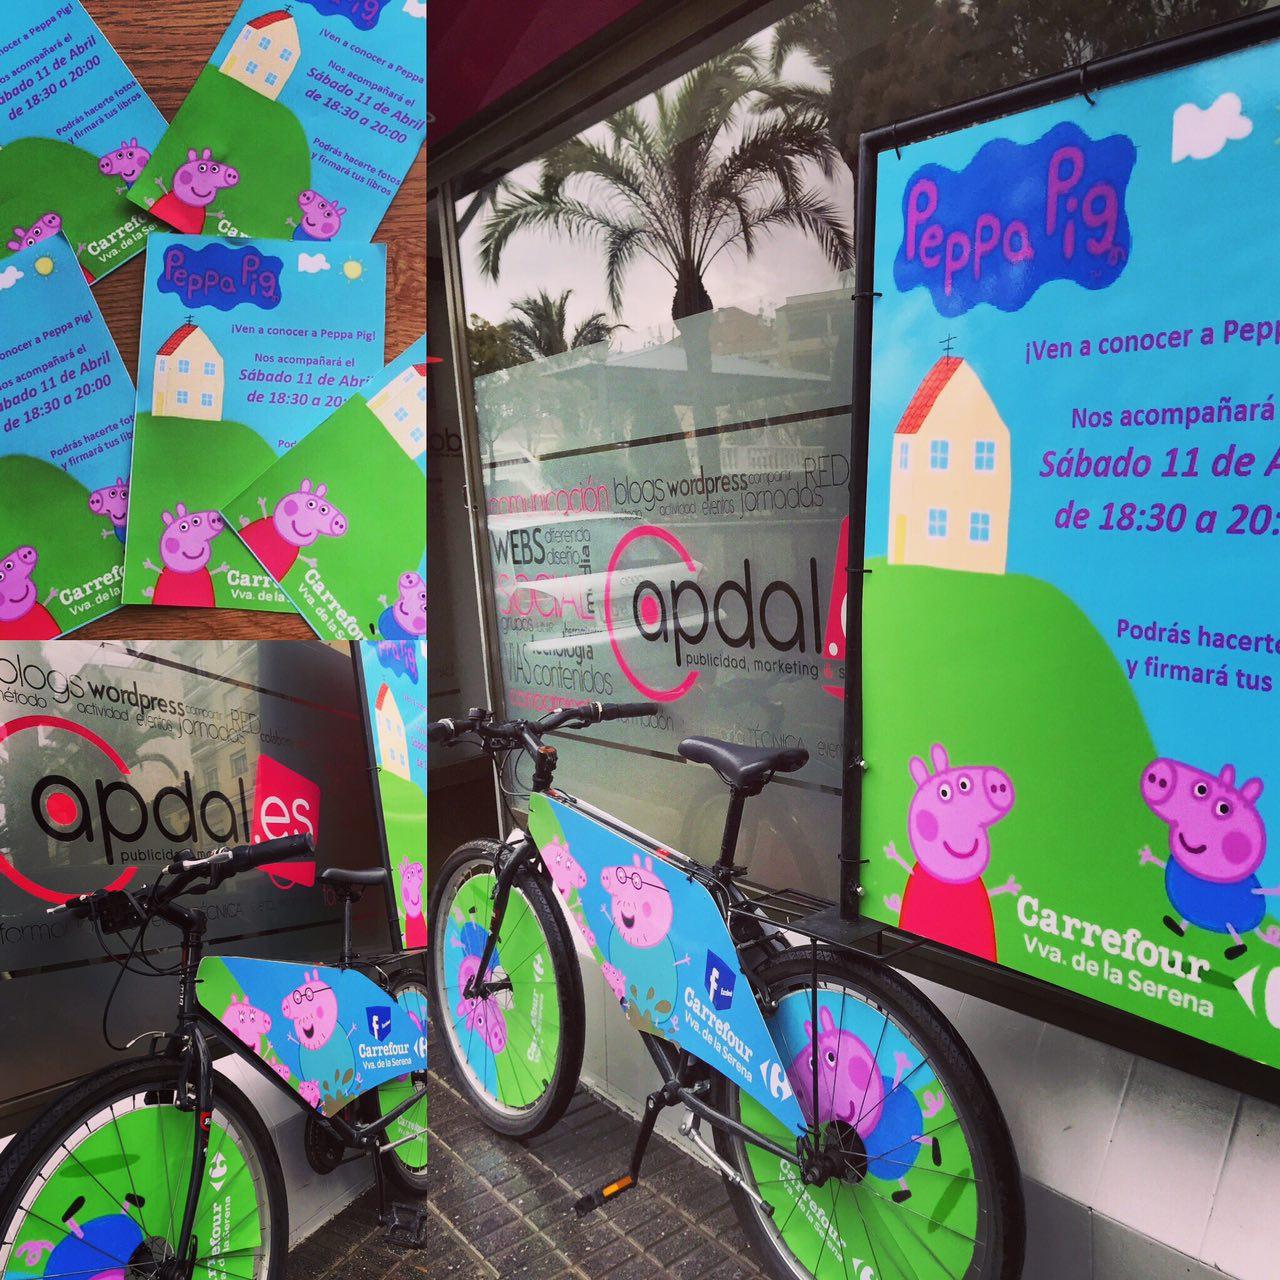 Publicidad en bicicletas publicidad ecol gica de extremadura for Banca pueyo oficinas